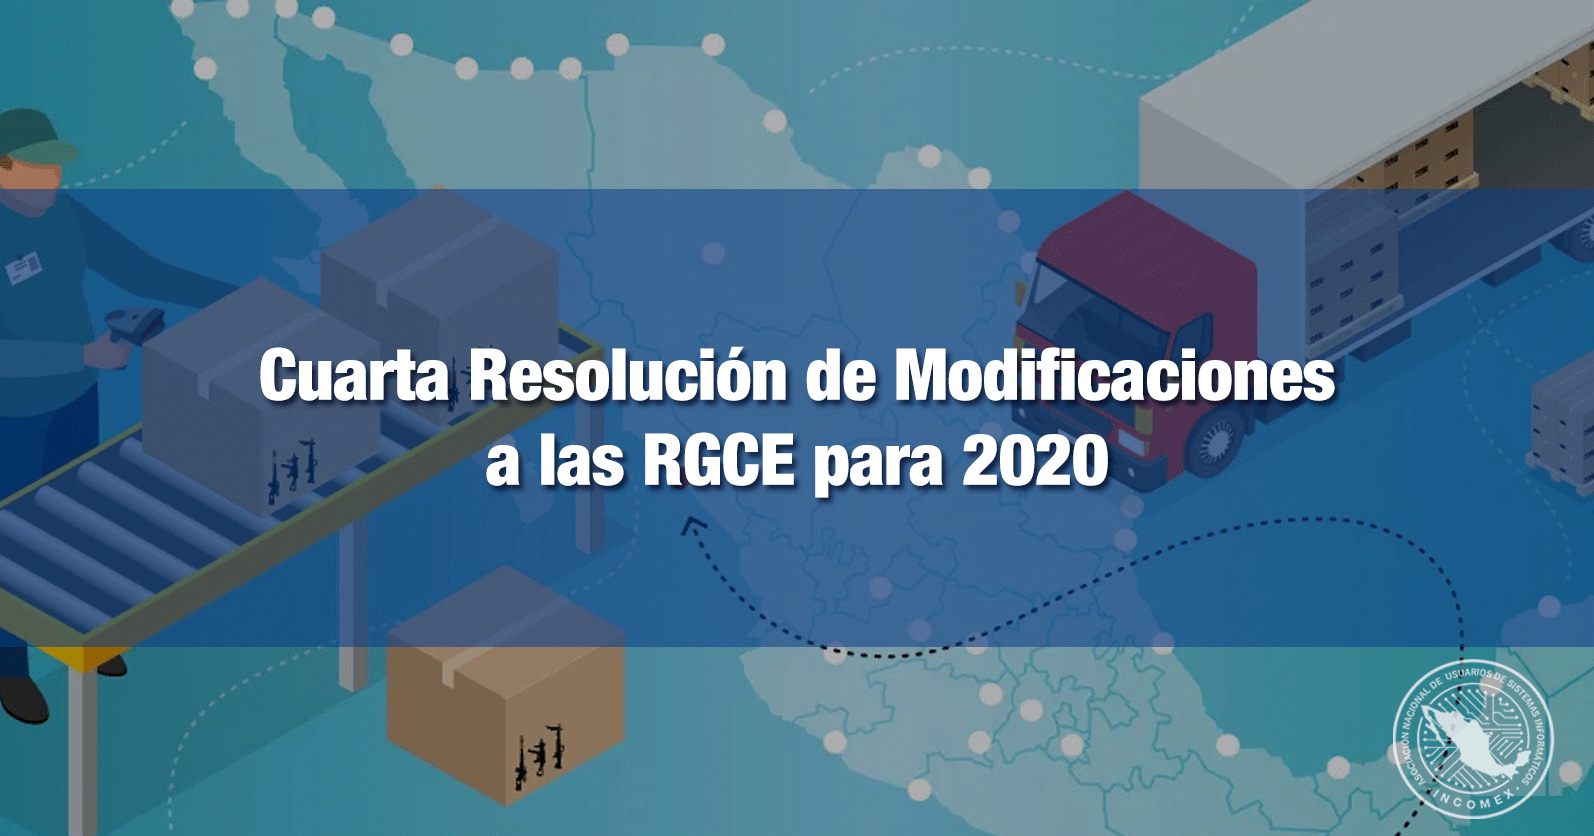 Cuarta Resolución de Modificaciones a las RGCE para 2020